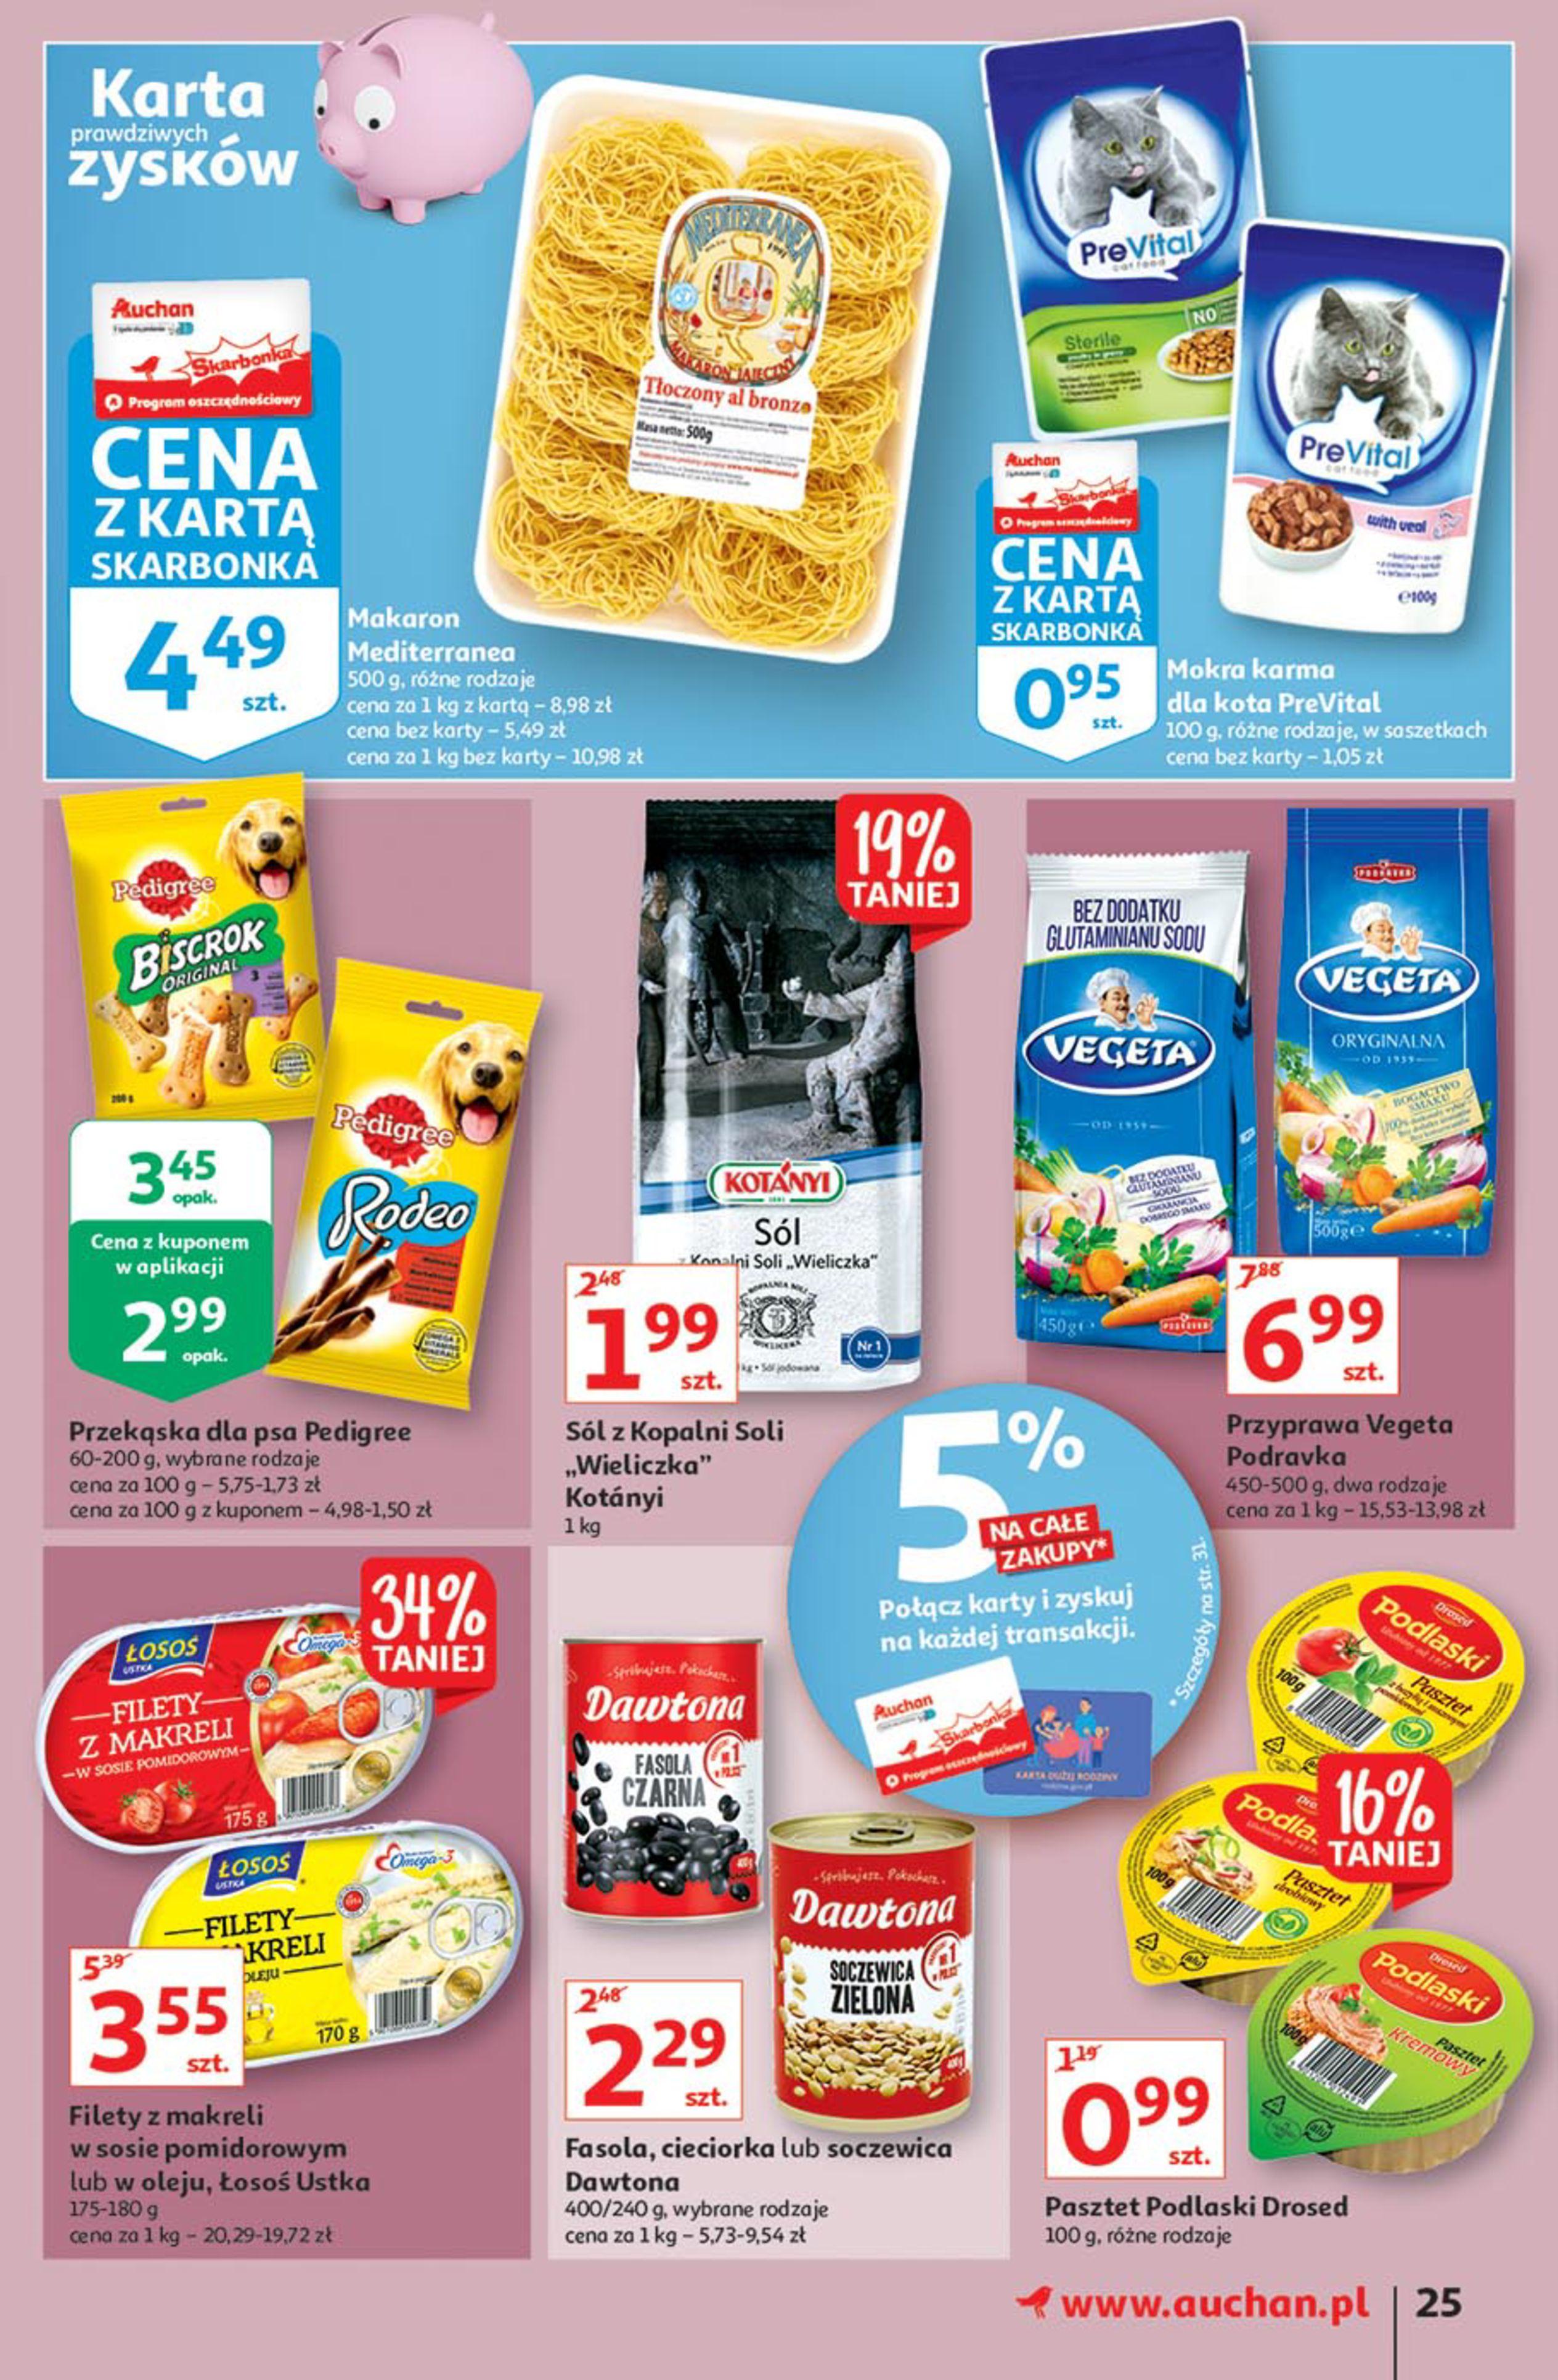 Gazetka Auchan: Gazetka Auchan - Euro 2020 2021-06-10 page-25